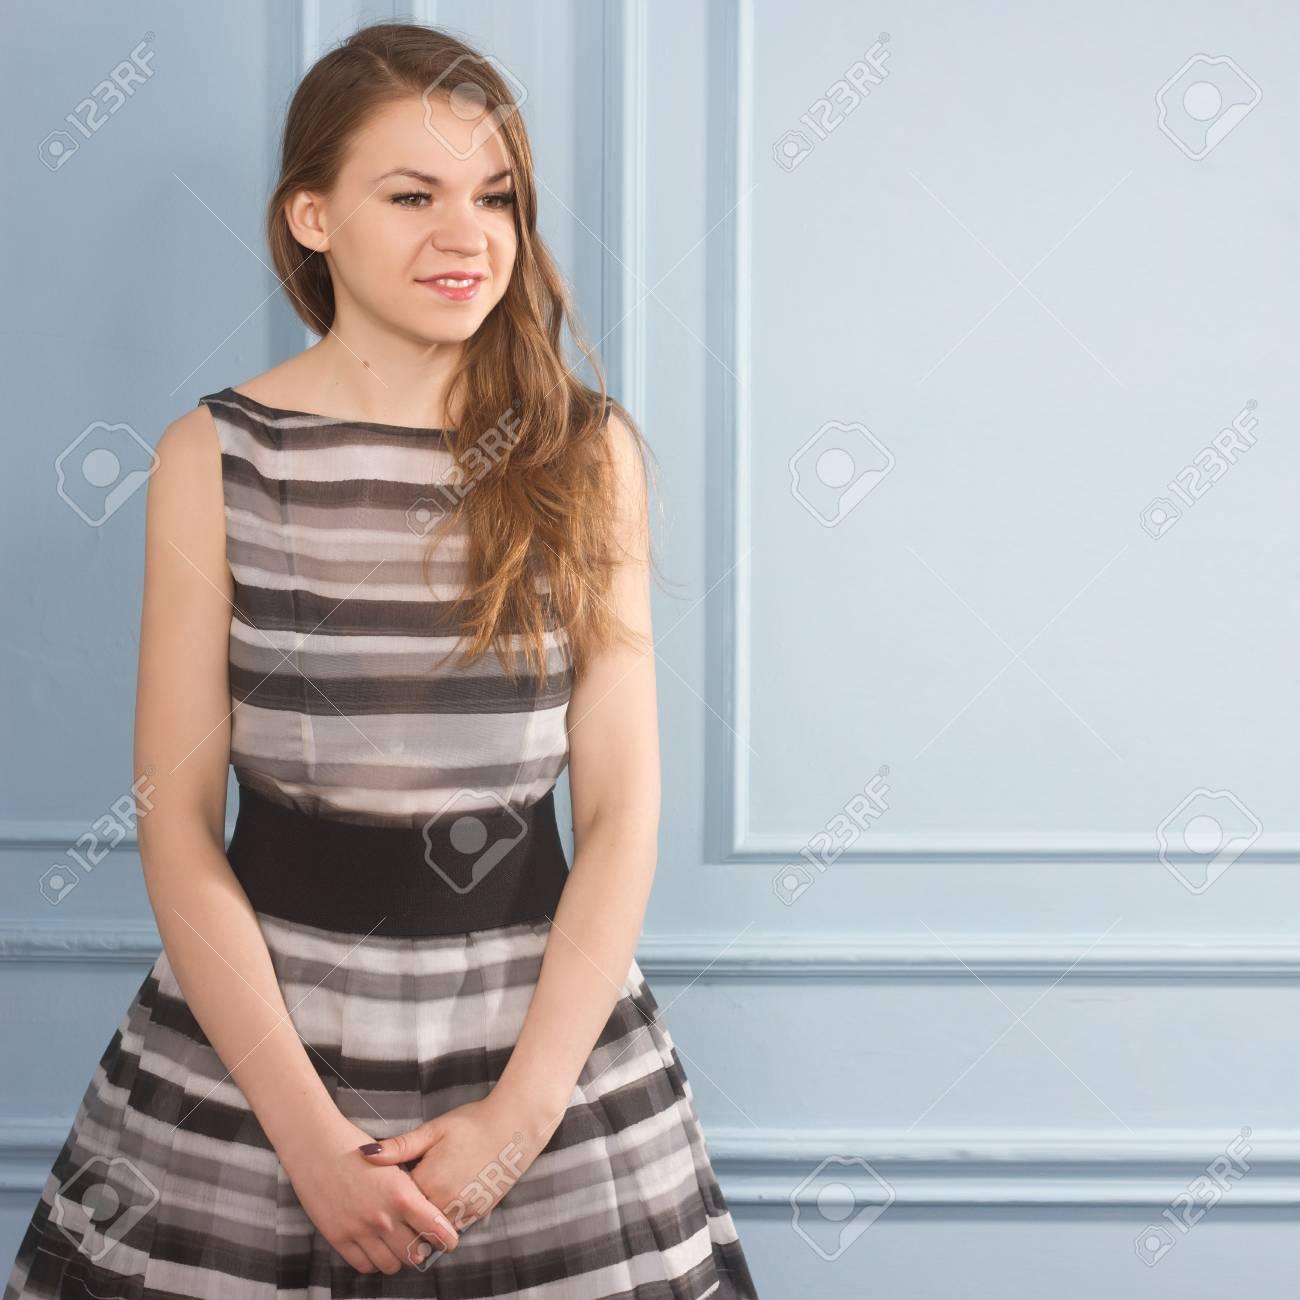 Schönes Mädchen In Einem Grauen Kleid In Der Nähe Einer Blauen Wand ...